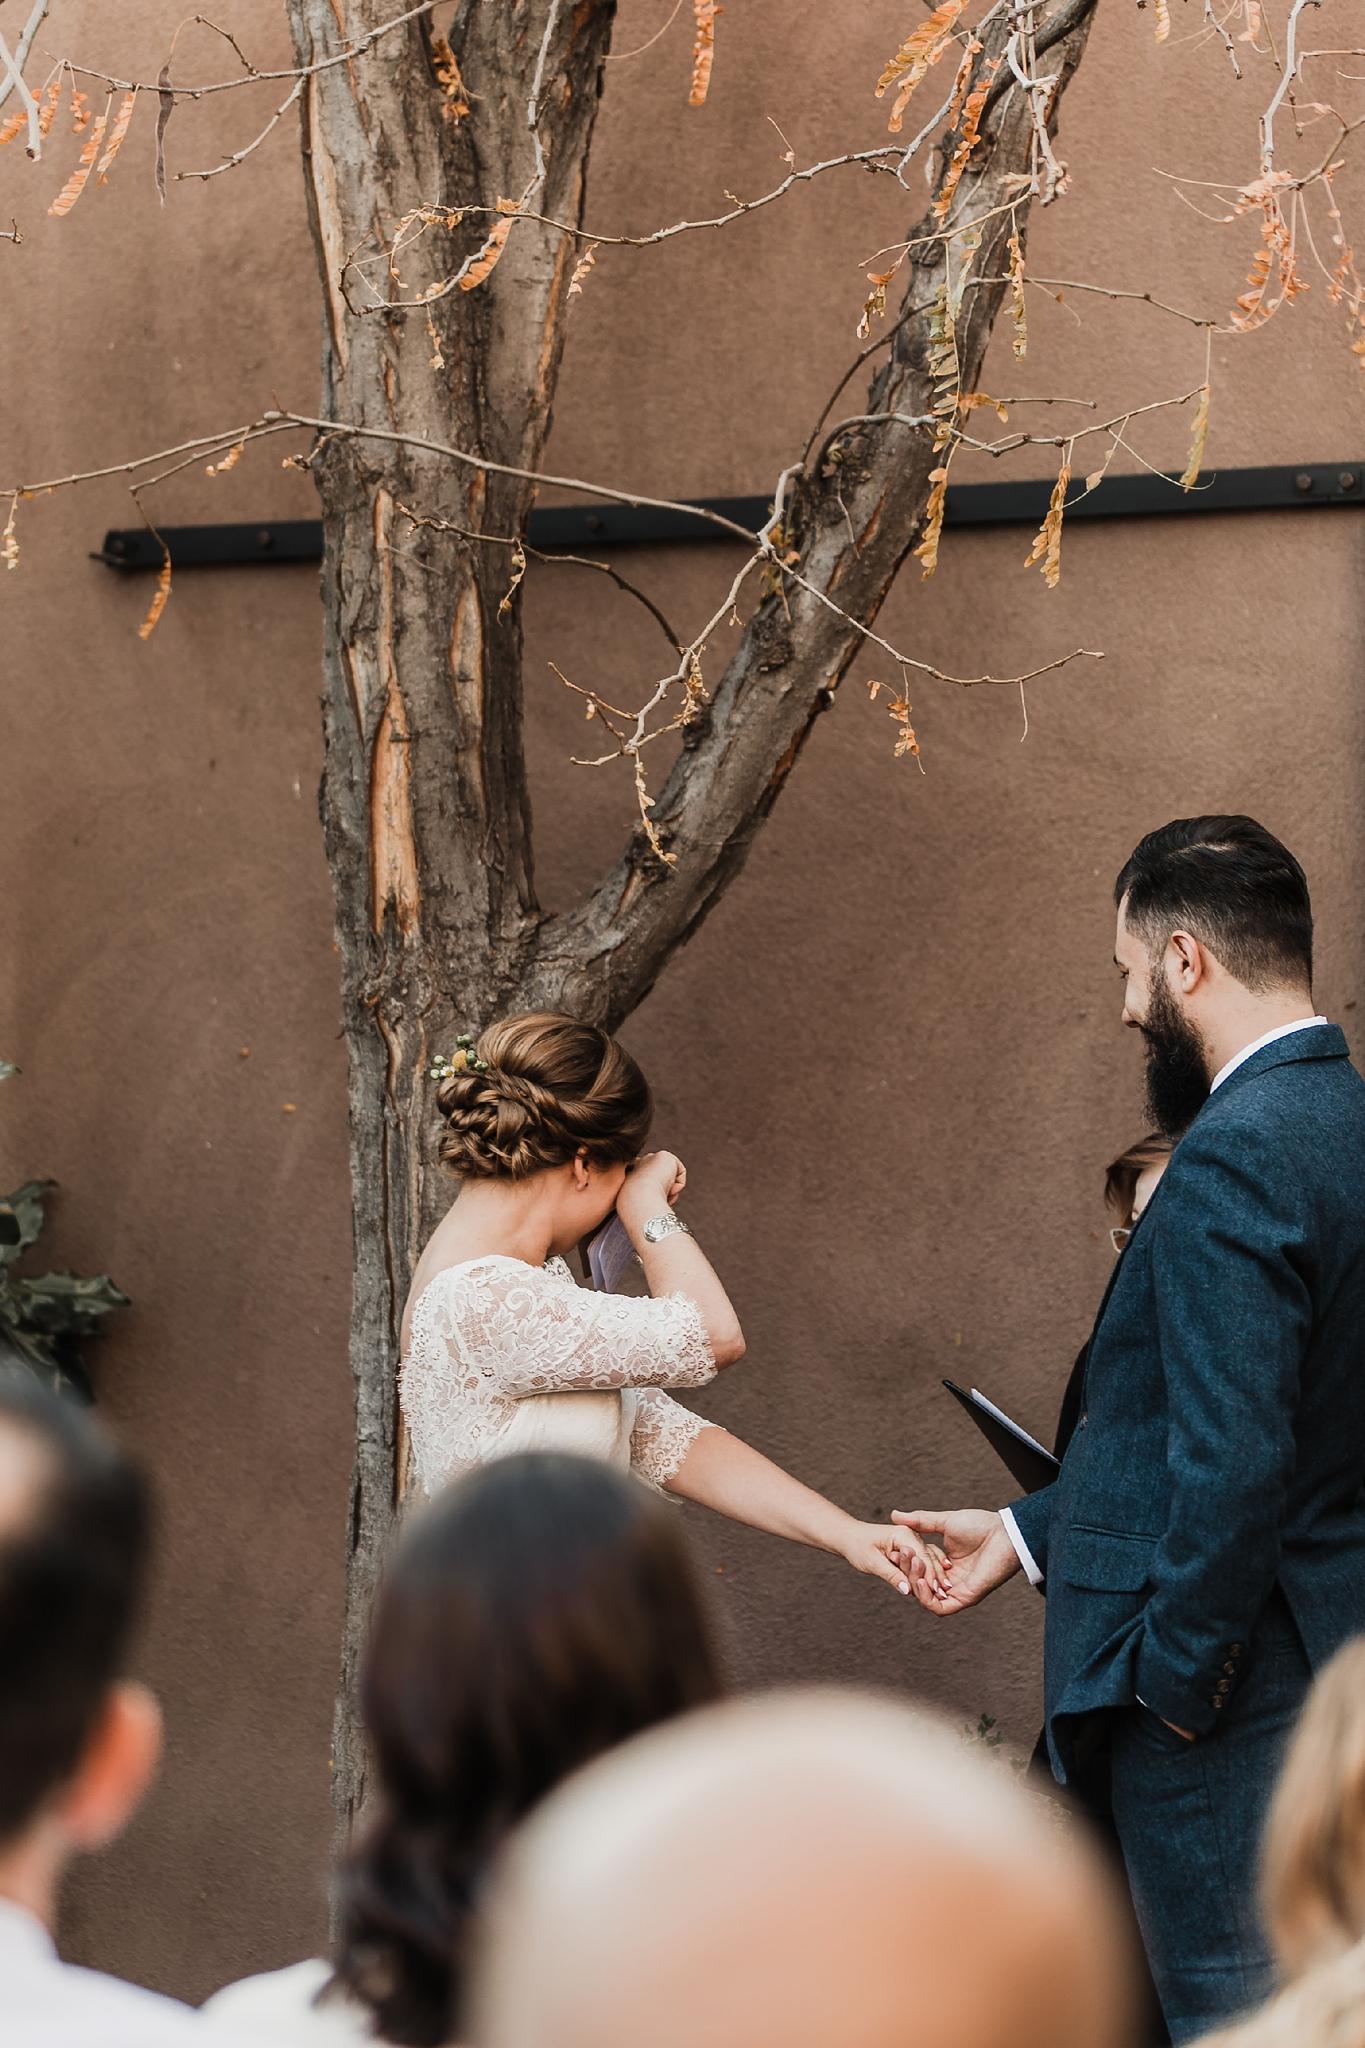 Alicia+lucia+photography+-+albuquerque+wedding+photographer+-+santa+fe+wedding+photography+-+new+mexico+wedding+photographer+-+new+mexico+wedding+-+wedding+vows+-+writing+your+own+vows+-+wedding+inspo_0022.jpg